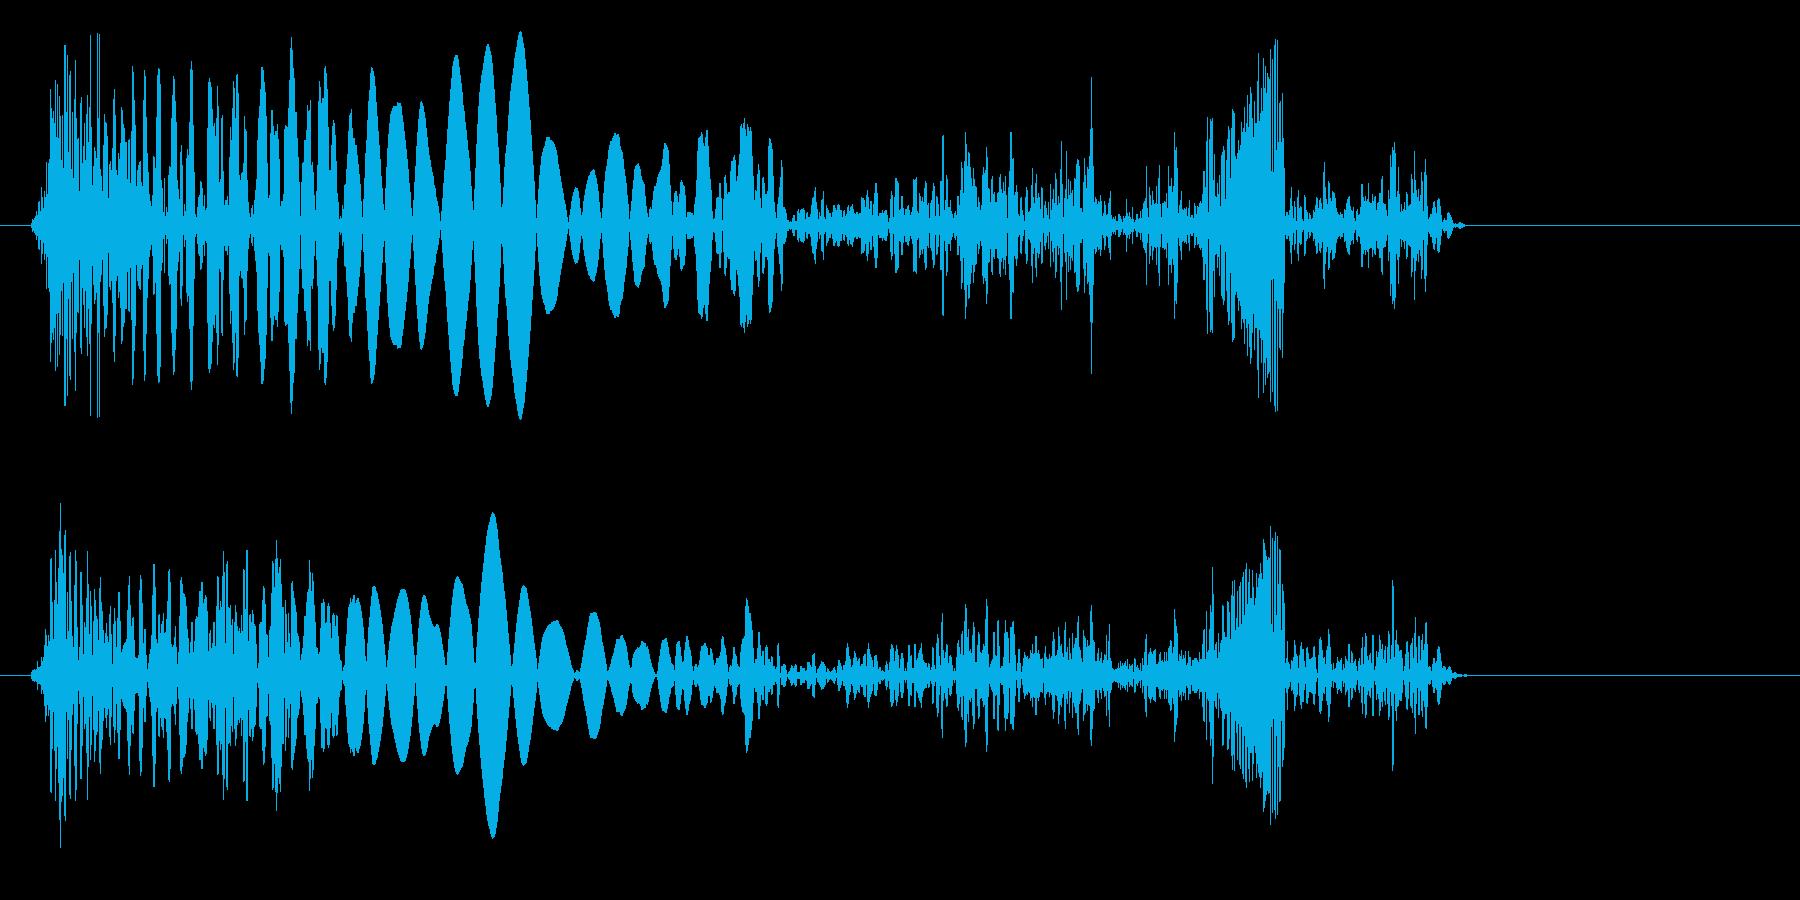 プチュリッ(軟体物質がつぶれるような音)の再生済みの波形